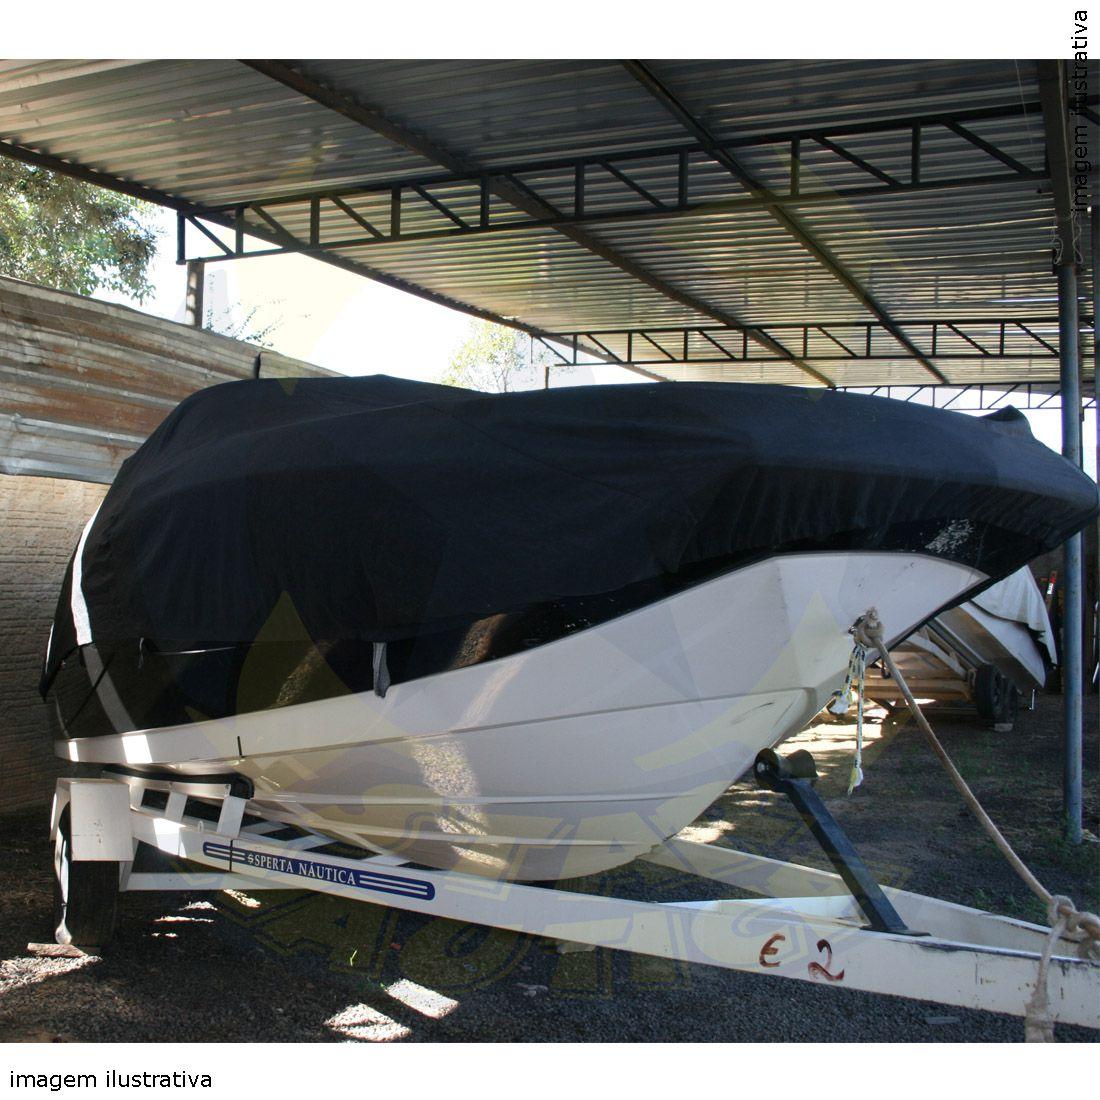 Capa Lona de Cobertura Lancha Focker 190 Lona Guarda Chuva